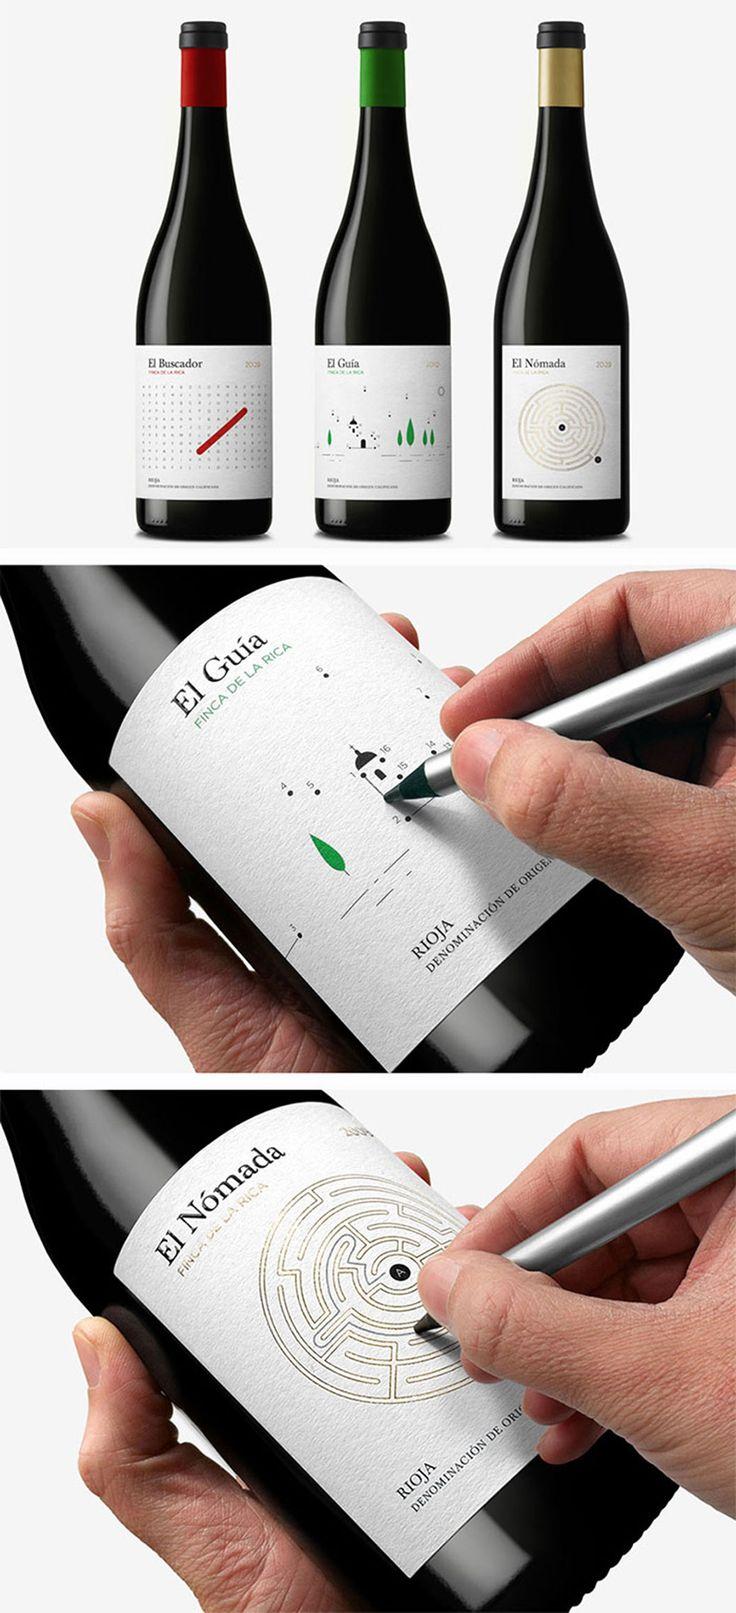 Jeu sur les étiquettes des bouteilles de vin | Etiquette de vin ludique